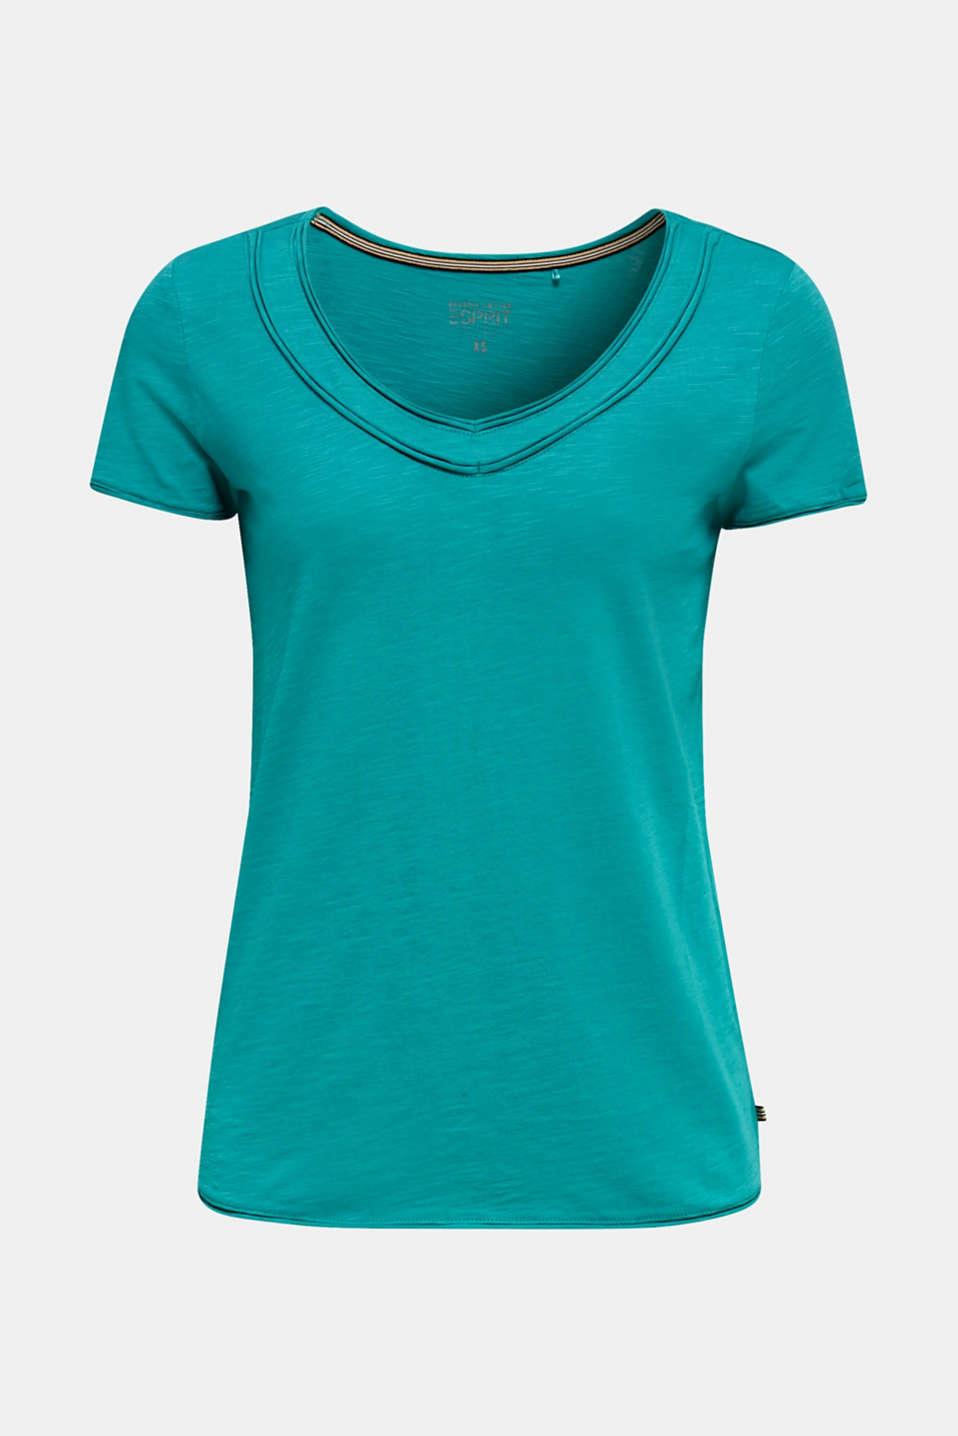 Slub jersey T-shirt in 100% organic cotton, TEAL GREEN 4, detail image number 6